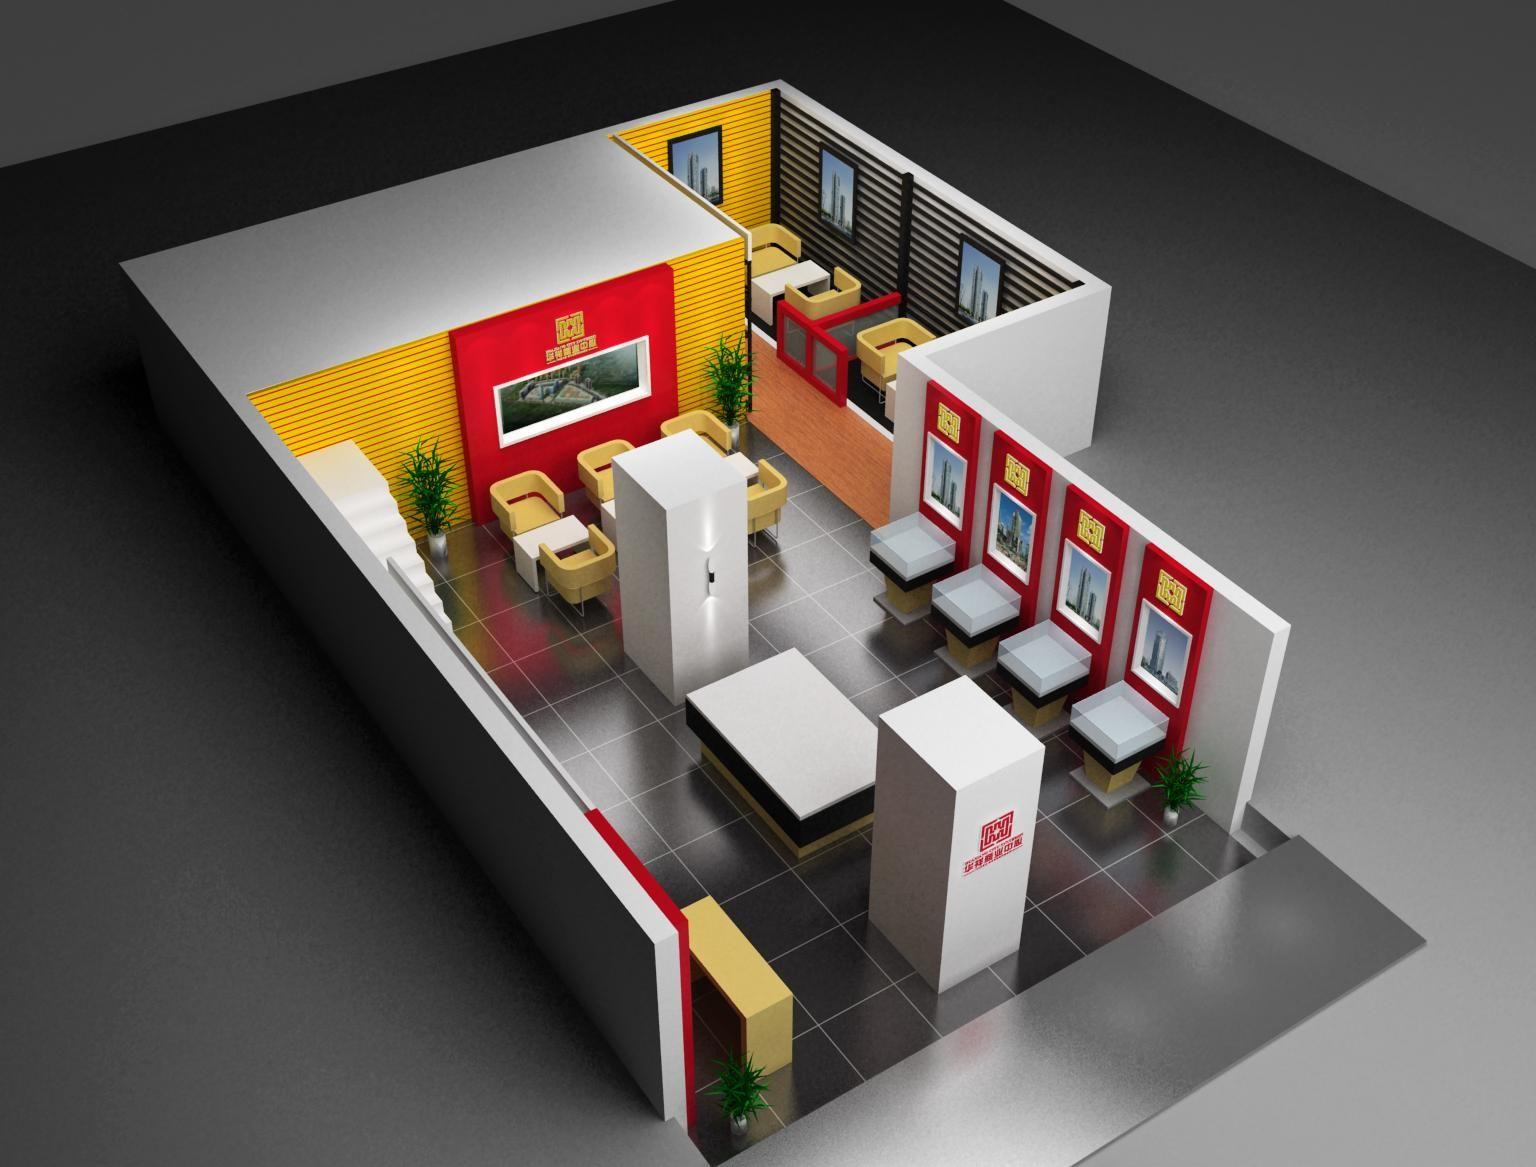 售楼部01案例图片-商业展览-展示空间设计图片